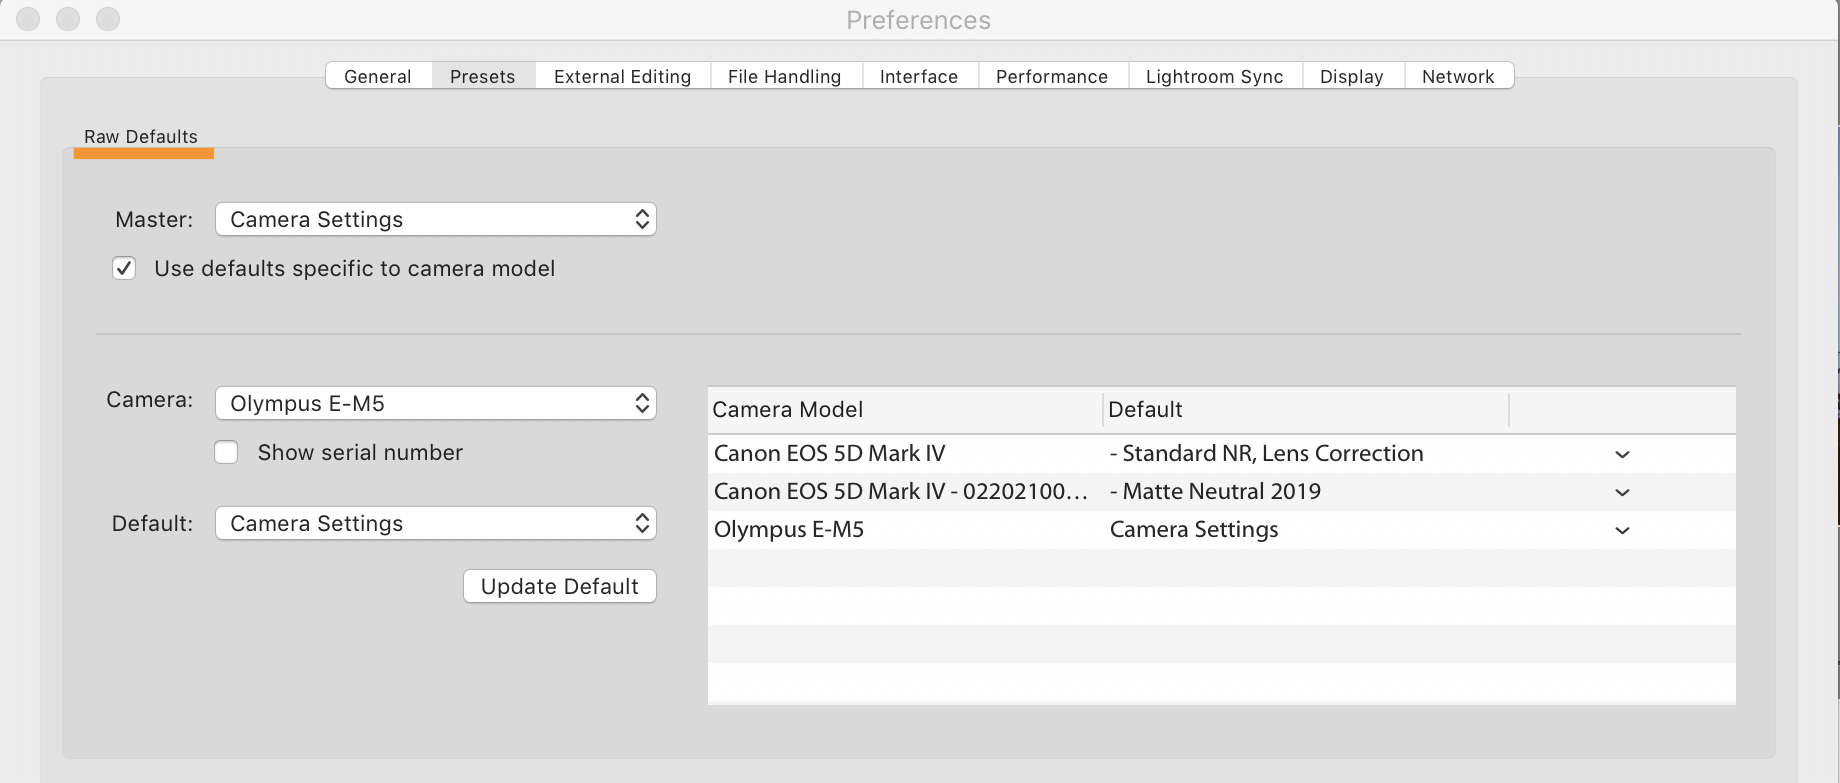 Adobe tar med sig nya funktioner till Lightroom som Split View på iPad och nya exportalternativ 3